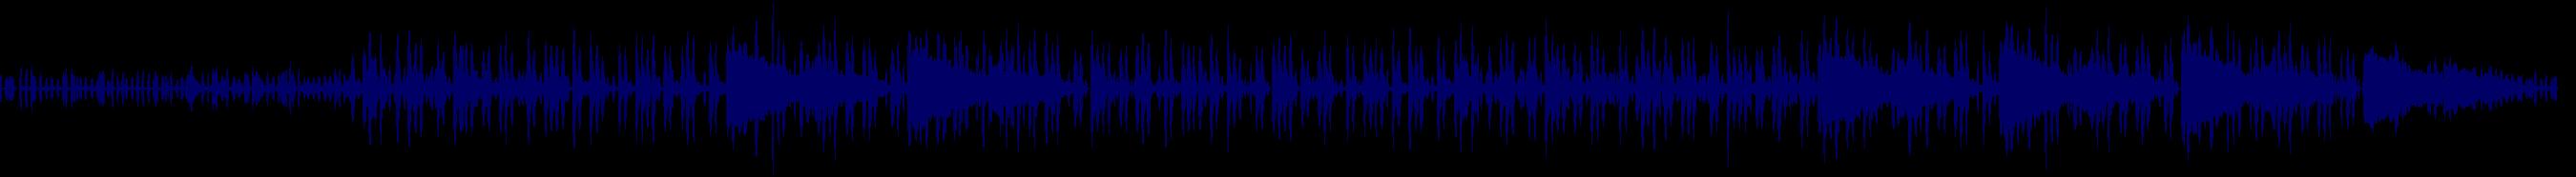 waveform of track #66525